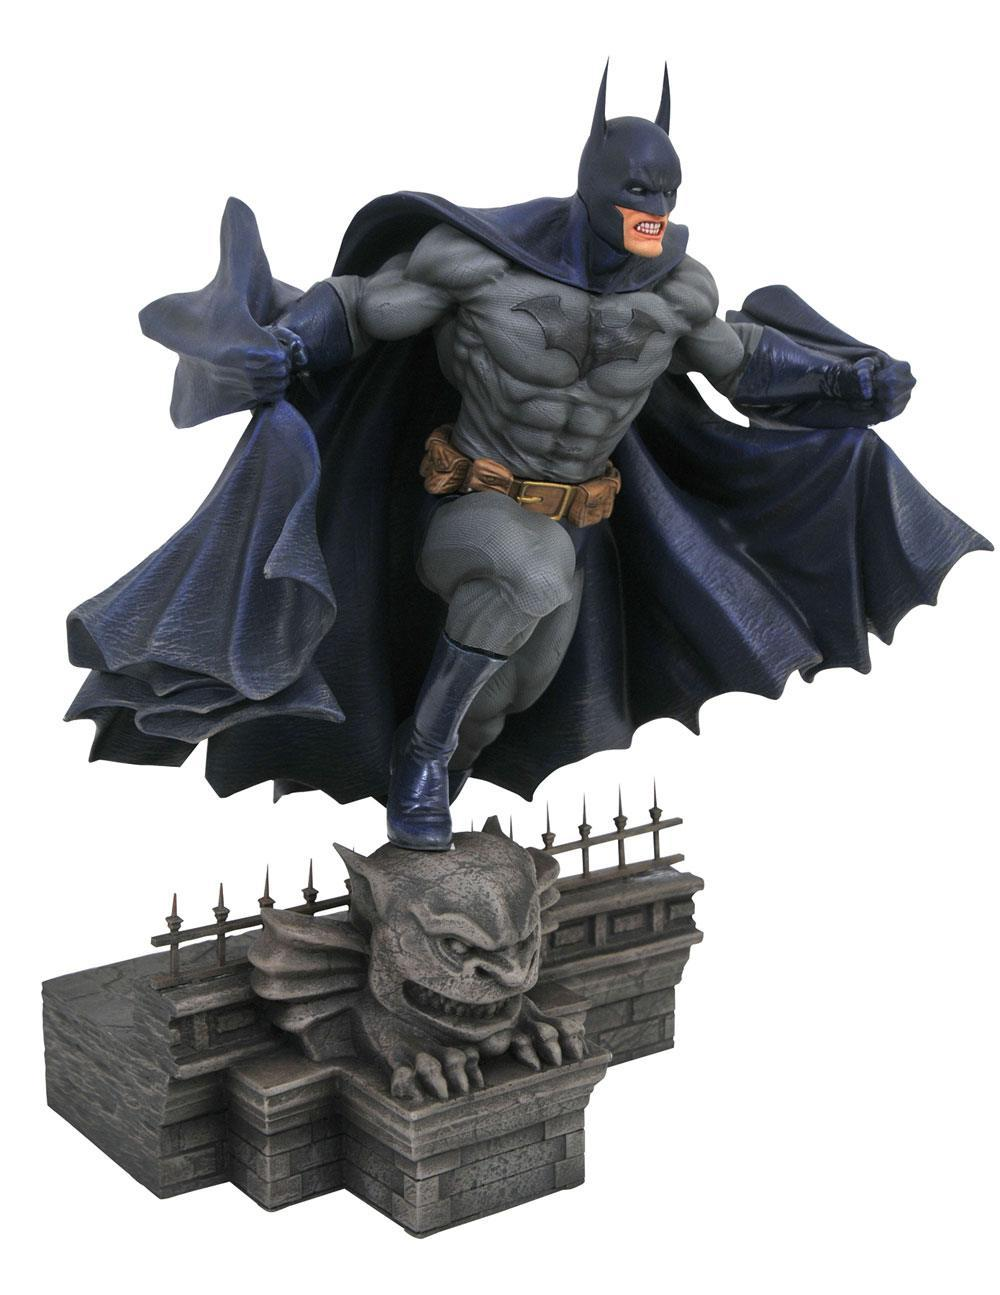 DC COMICS GALLERY - Statuette PVC Batman - 25cm